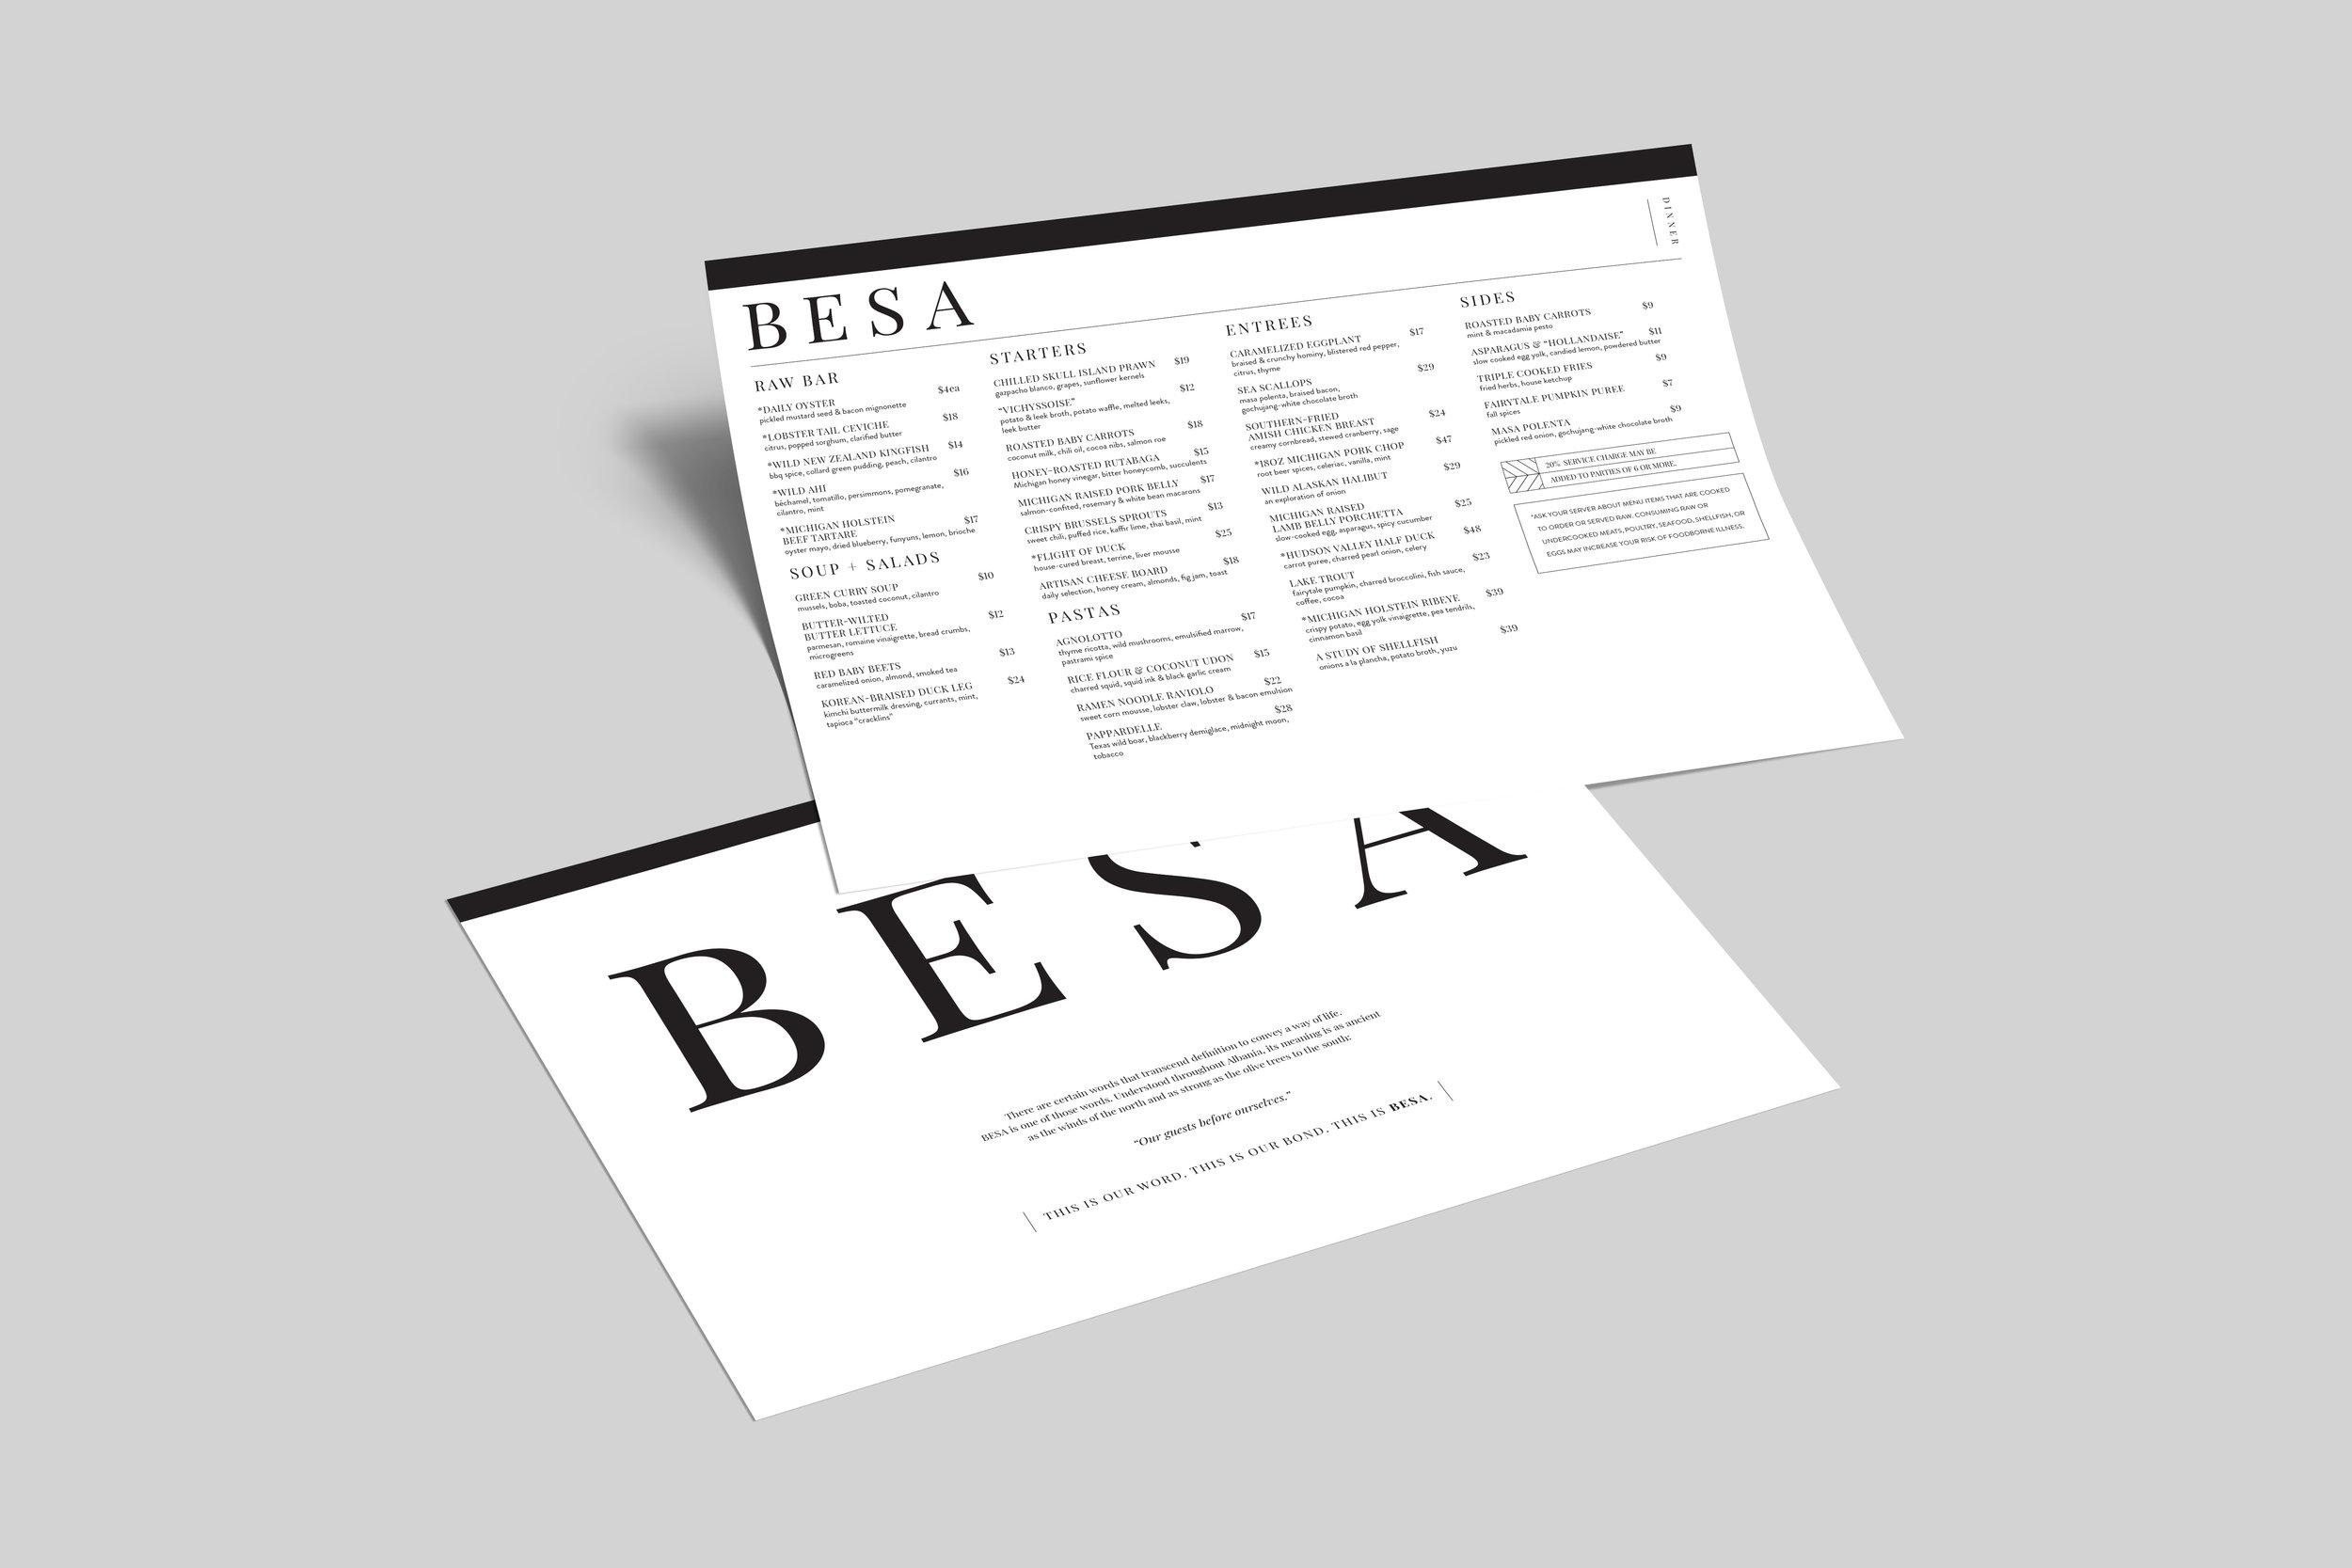 besa-menus-2.jpg